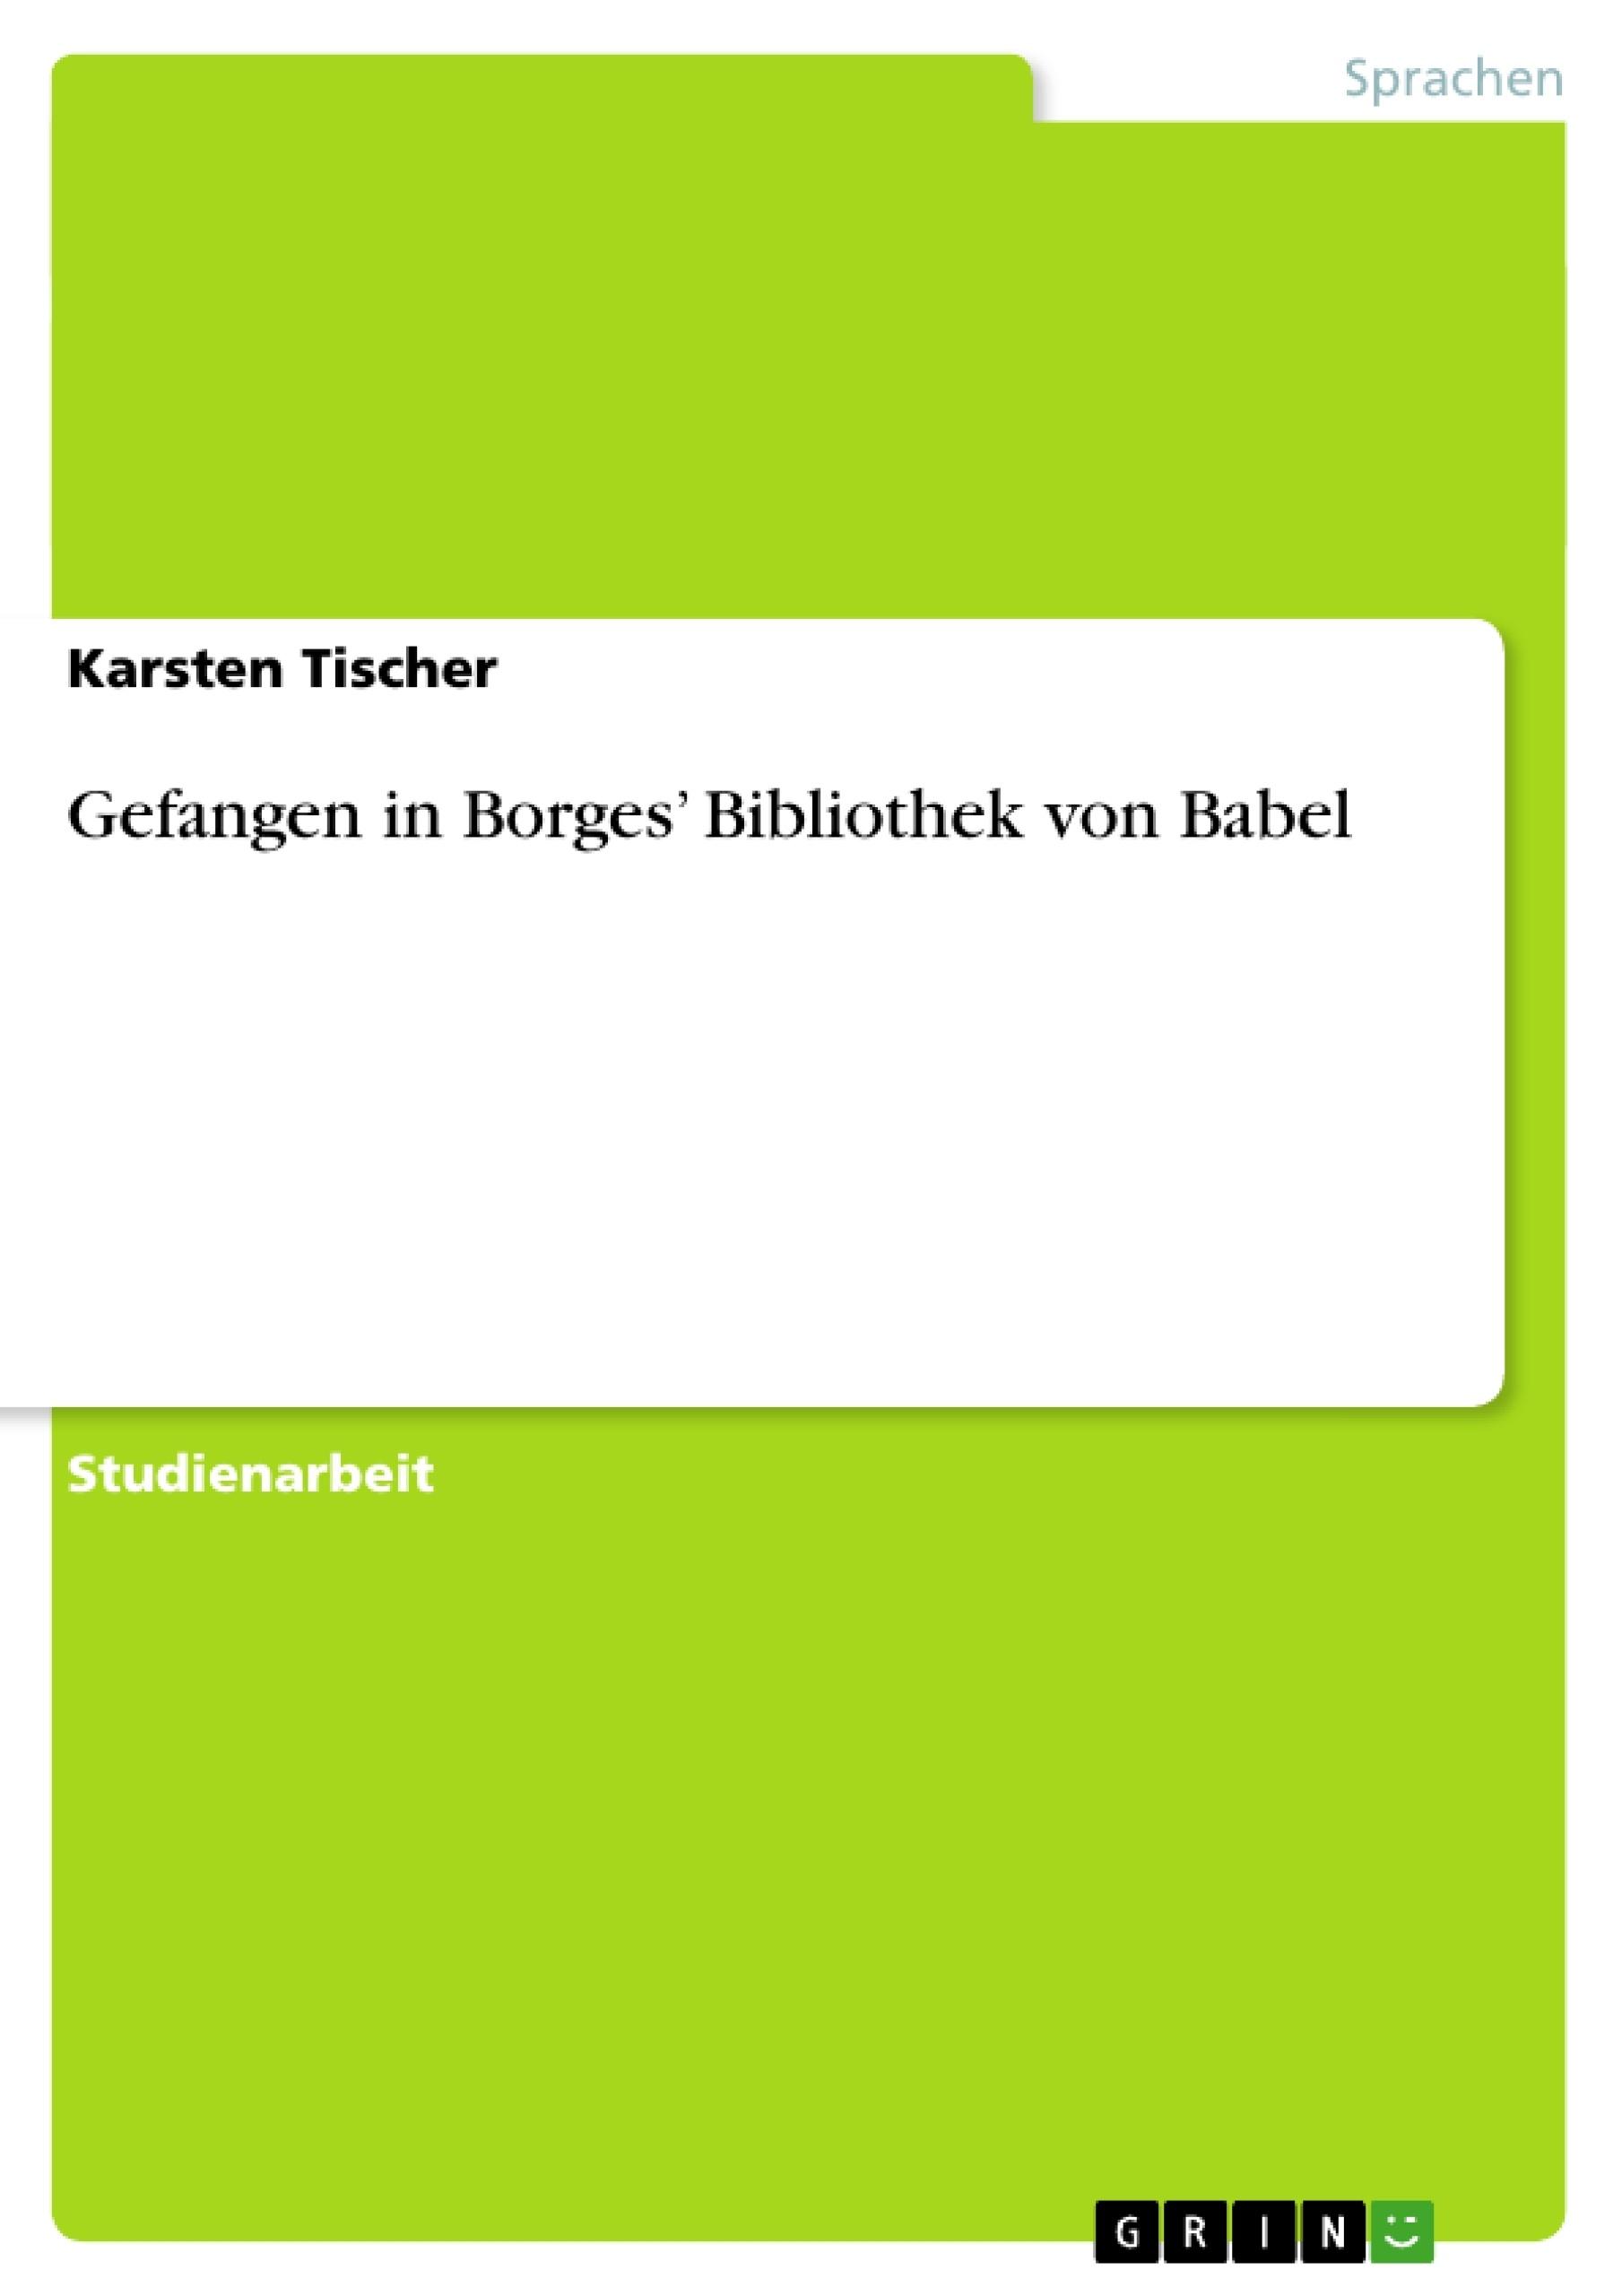 Titel: Gefangen in Borges' Bibliothek von Babel